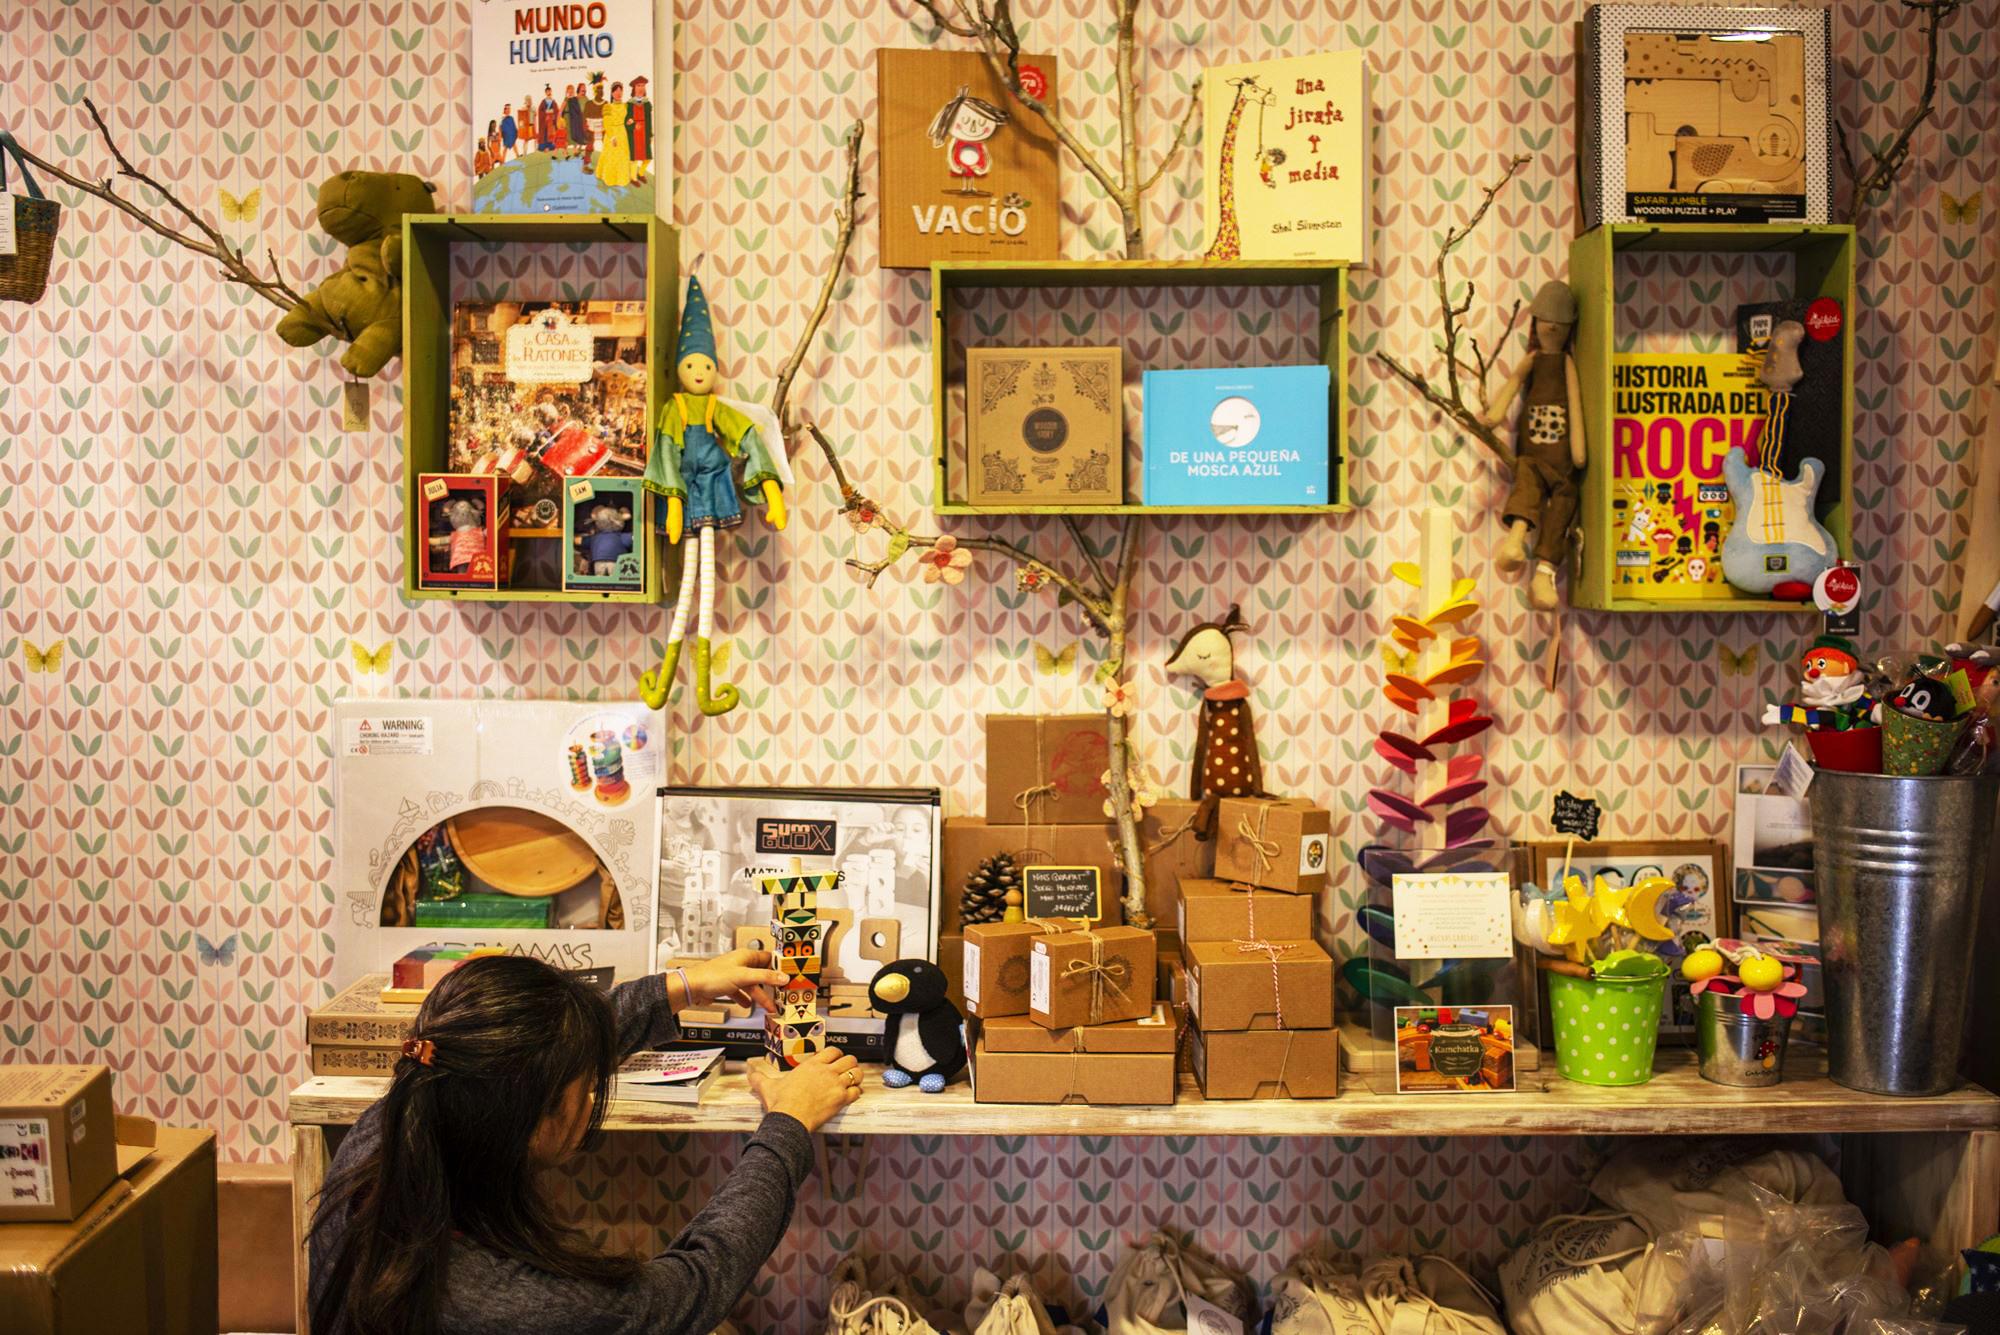 ¿Cómo iniciar negocio de regalos online?